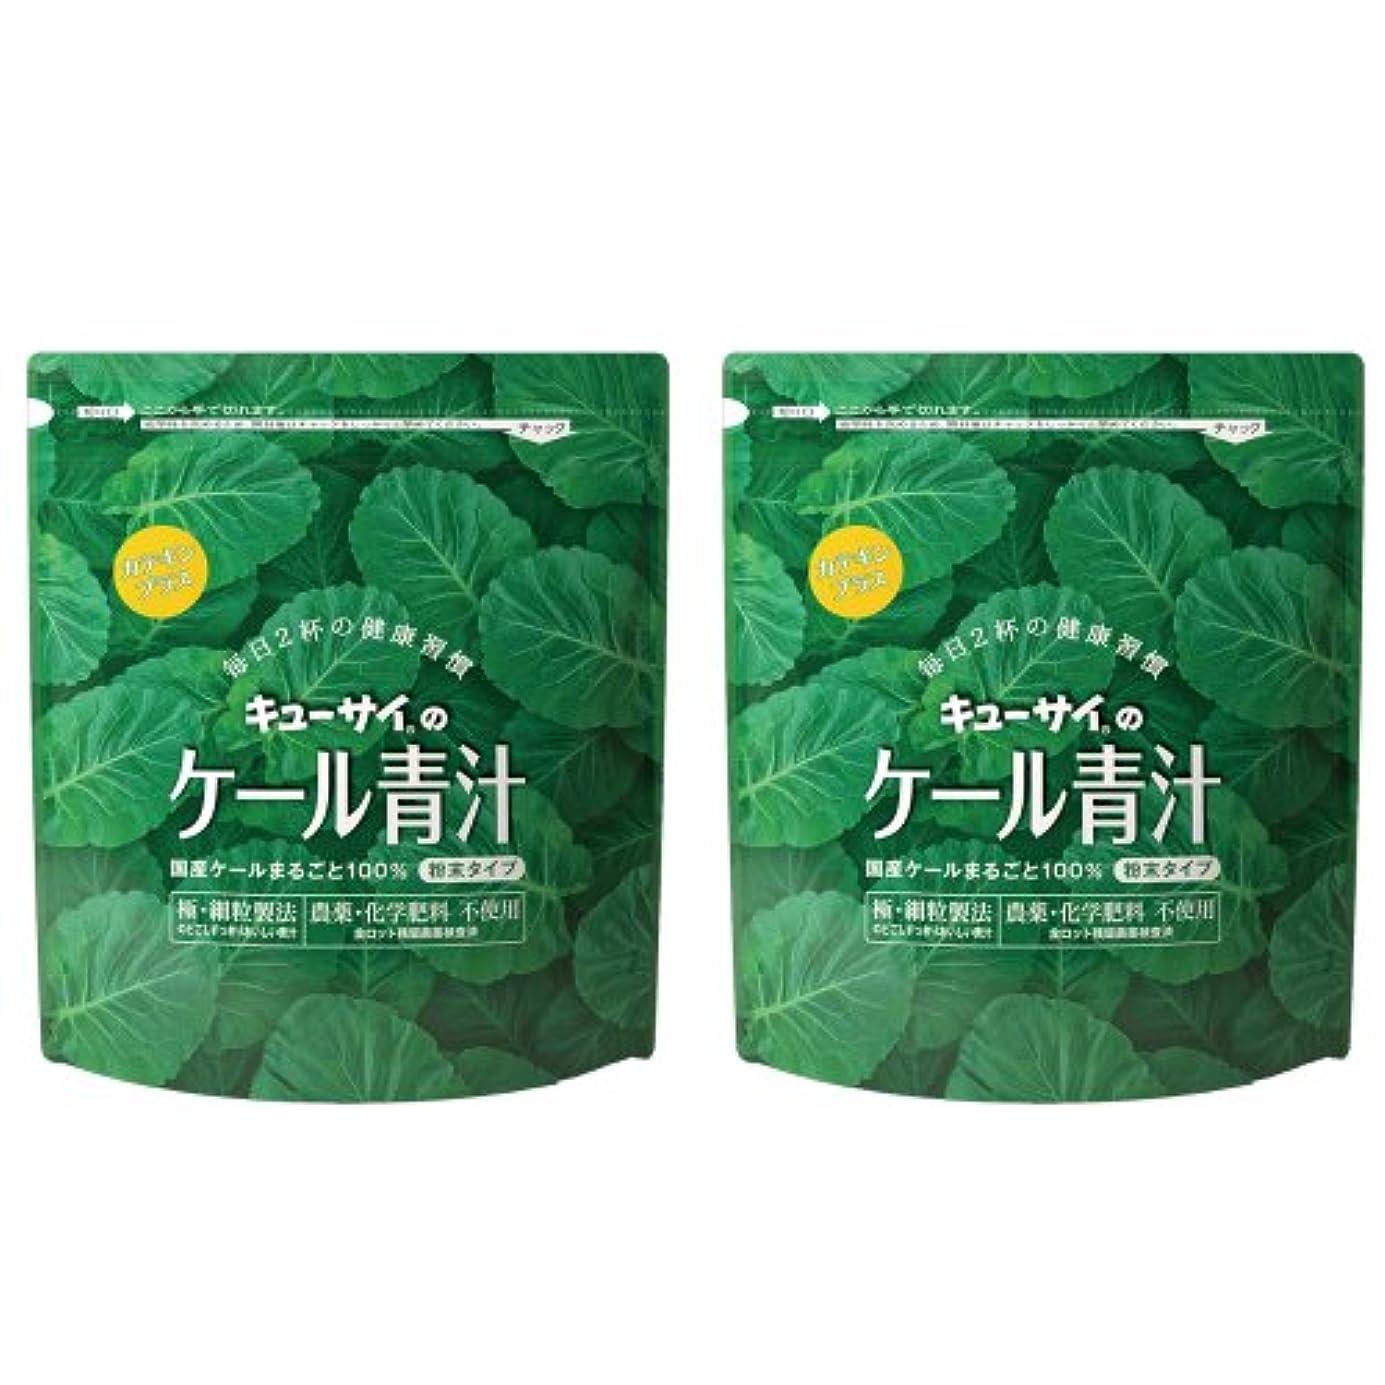 オン第五シプリーキューサイ青汁カテキンプラス420g(粉末タイプ)2袋まとめ買い【1袋420g(約1カ月分)】